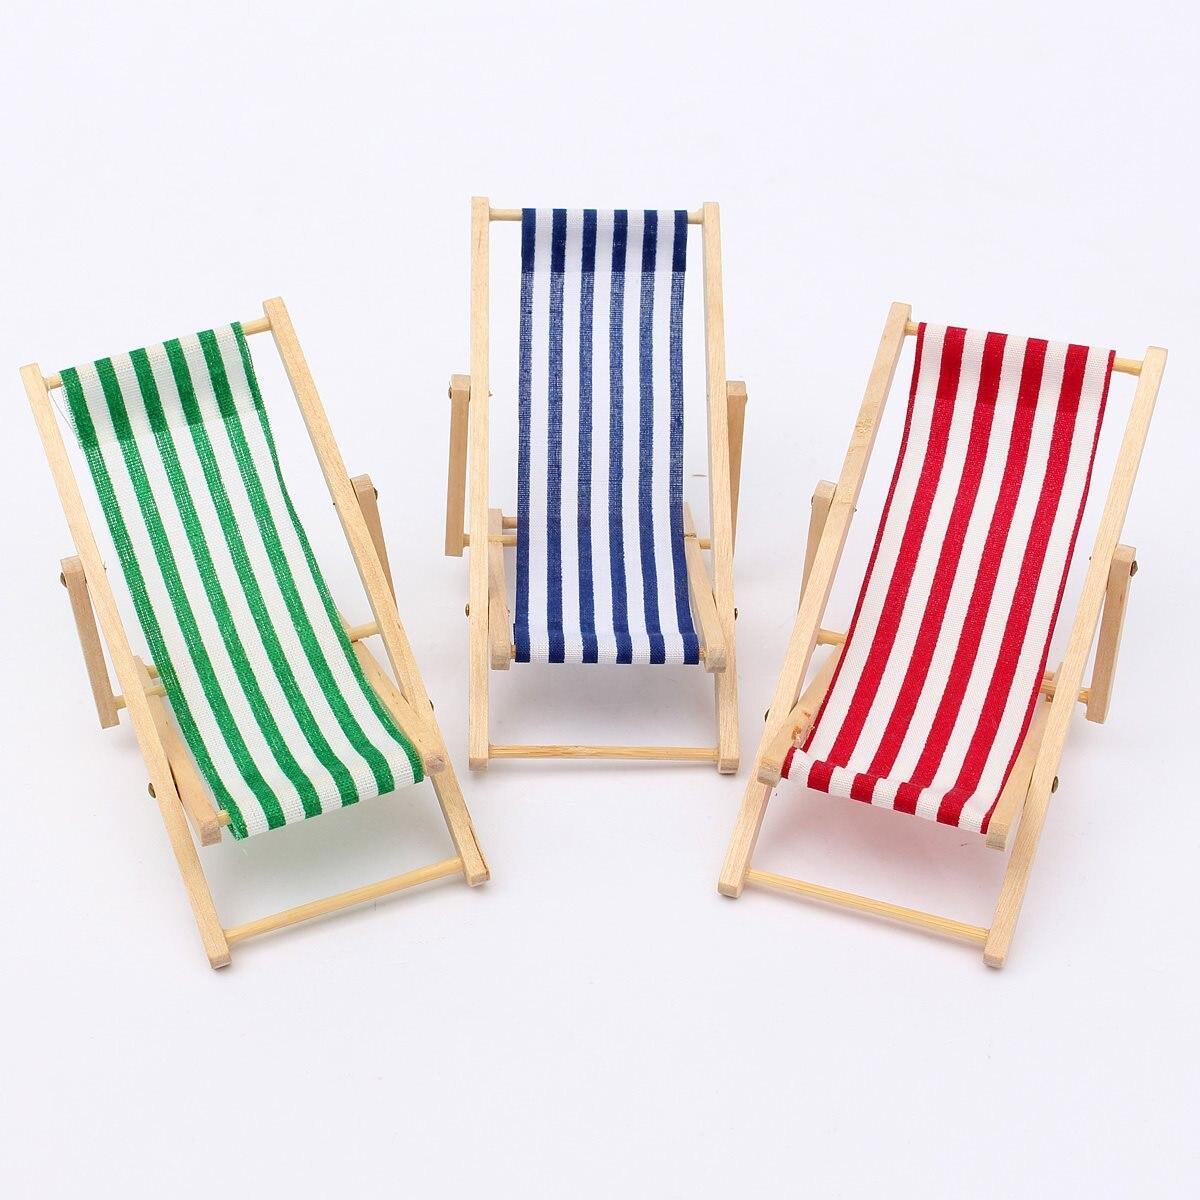 miniature chaise de plage achetez des lots petit prix miniature chaise de plage en provenance. Black Bedroom Furniture Sets. Home Design Ideas